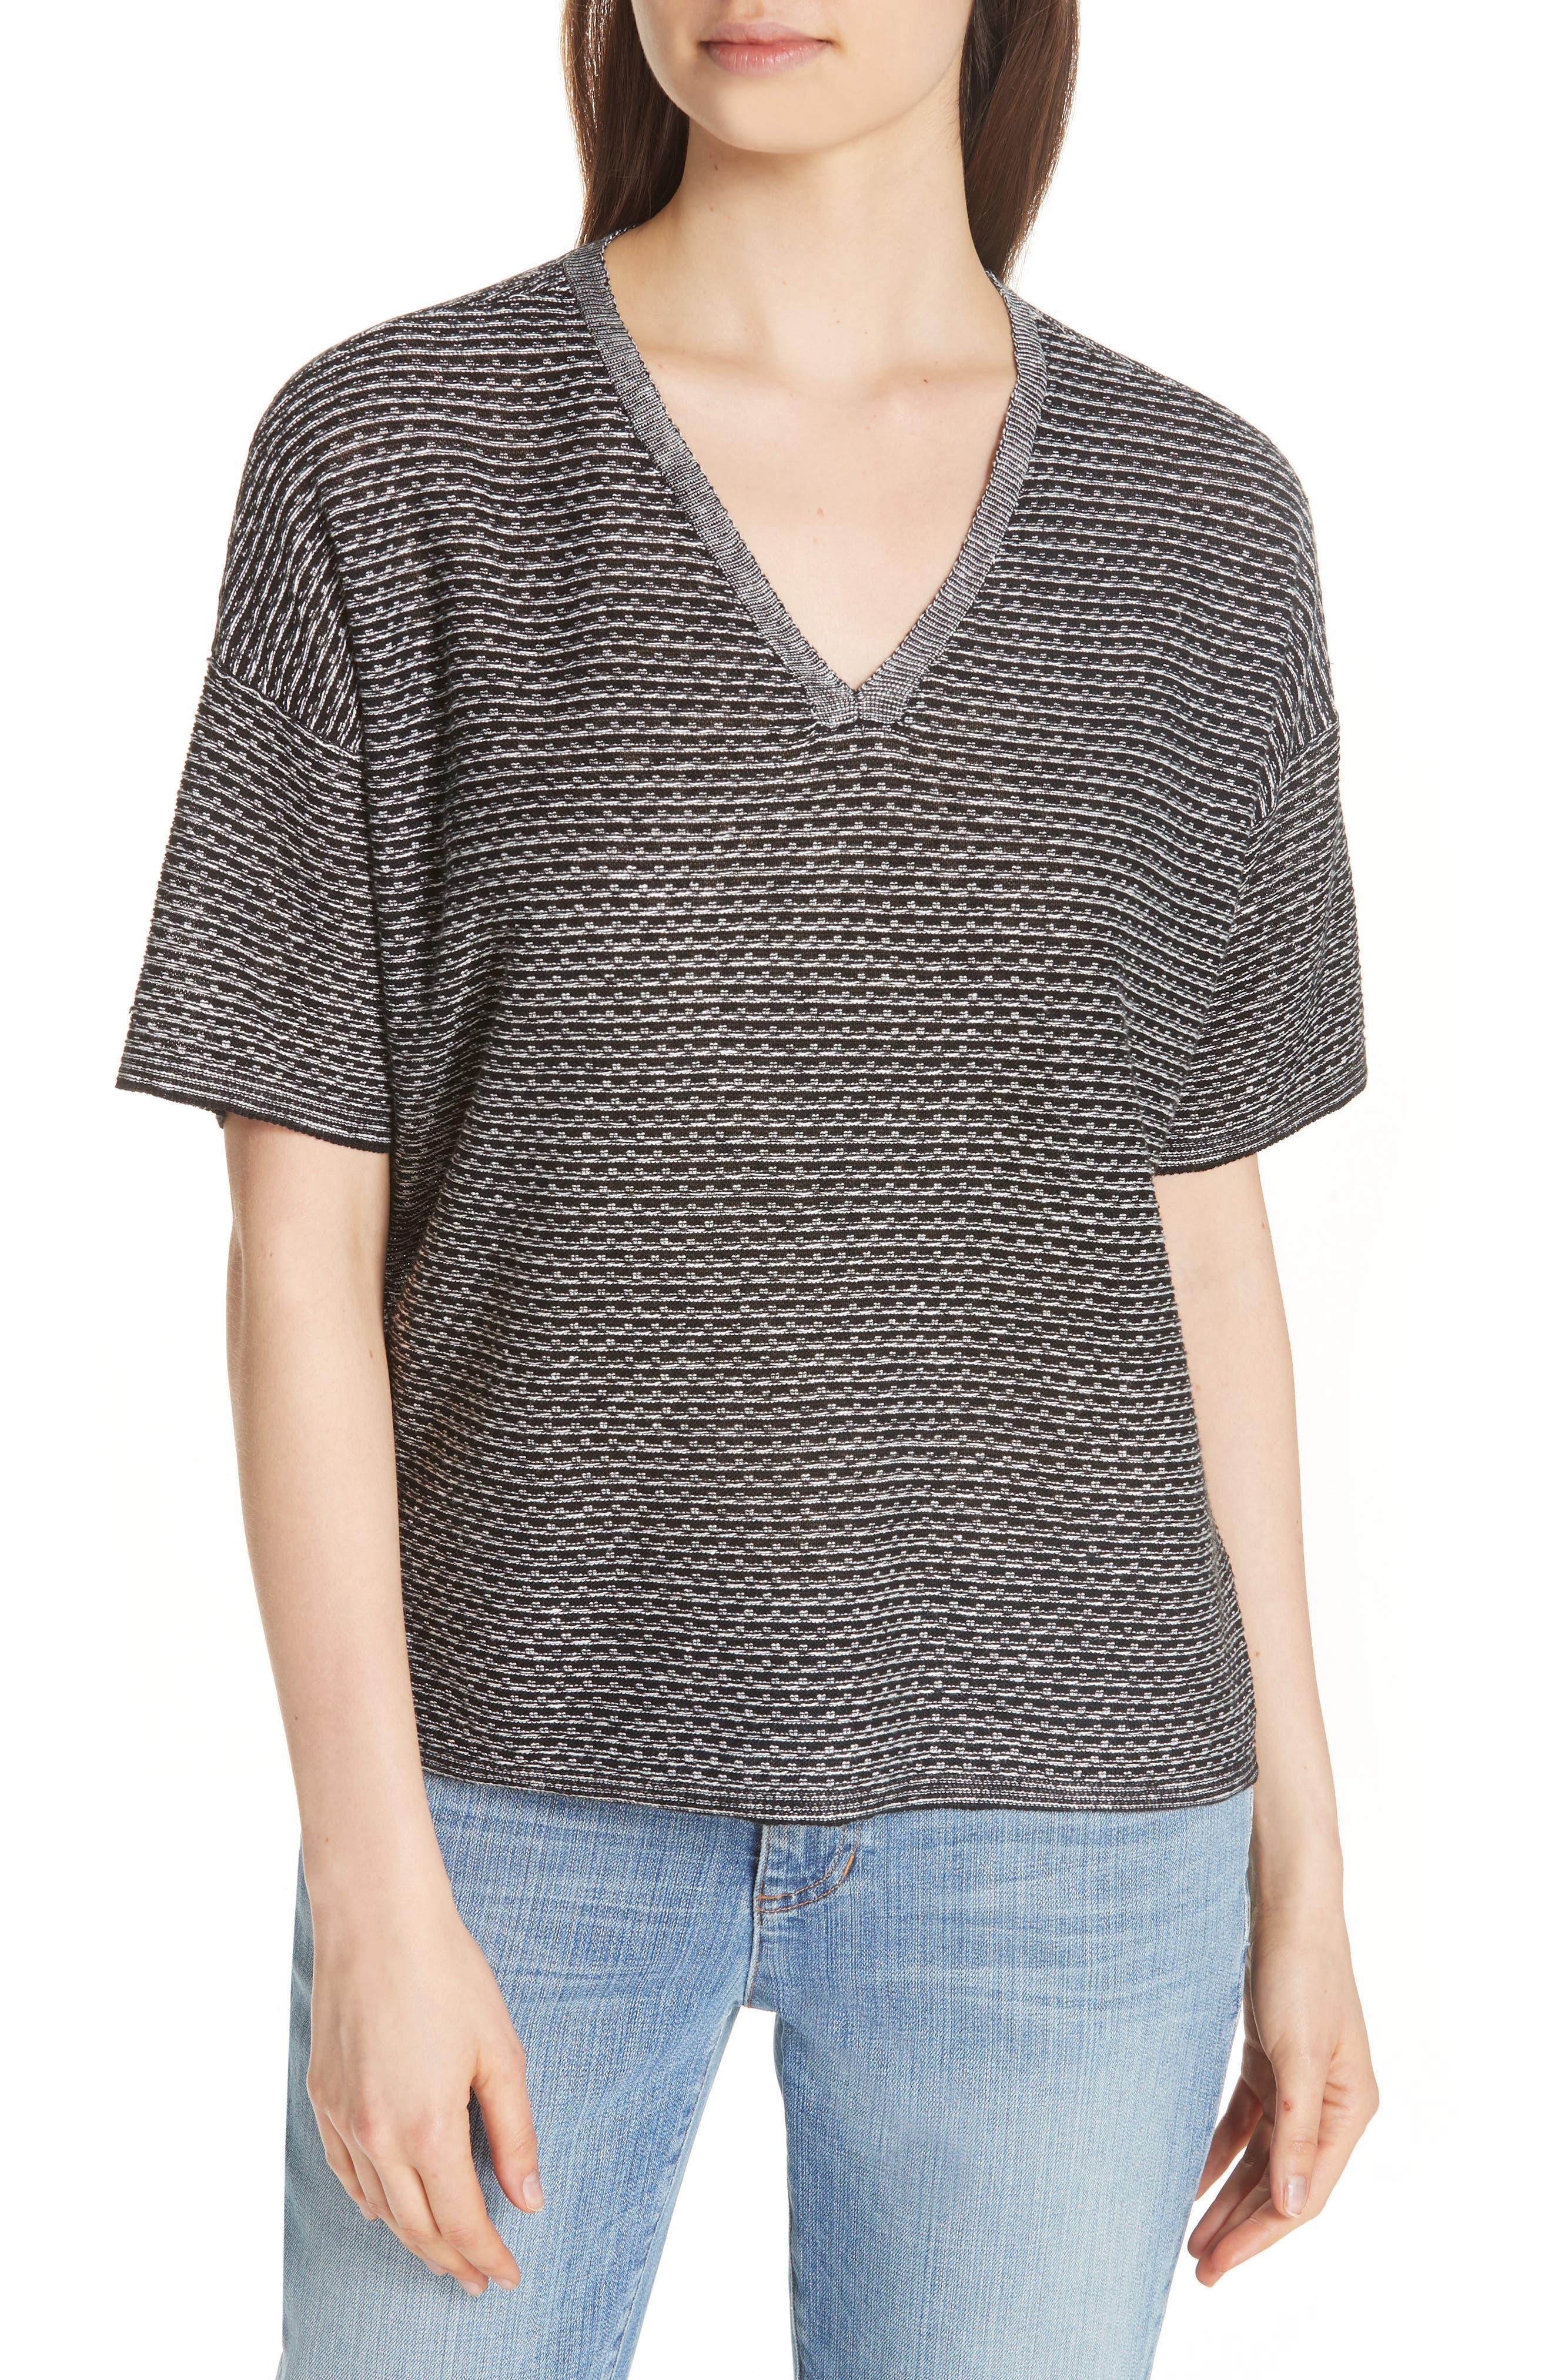 Organic Linen Jacquard Sweater,                             Main thumbnail 1, color,                             Black/ Soft White